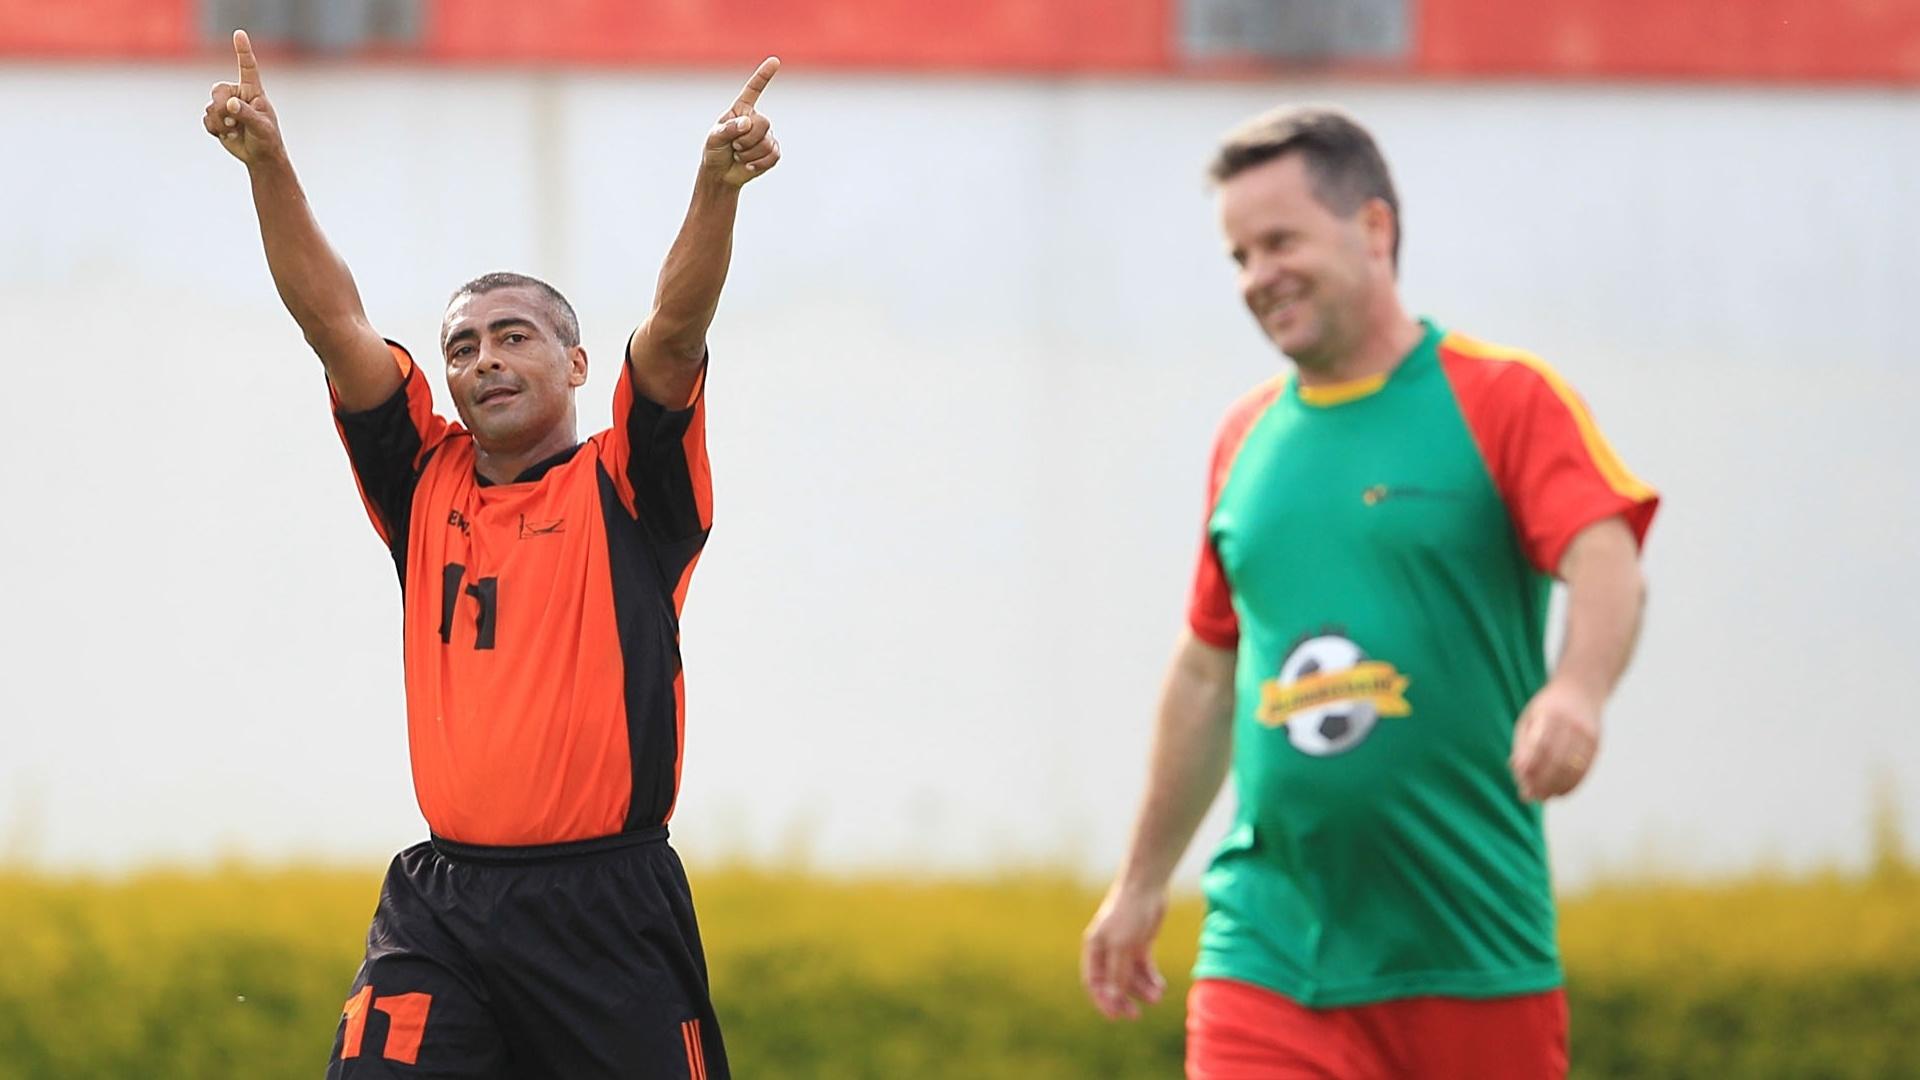 Romário comemora ao marcar um gol durante evento em prol da APAE e do Instituto Pestalozzi de Canoas-RS, que contou com a participação de deputados estaduais e federais